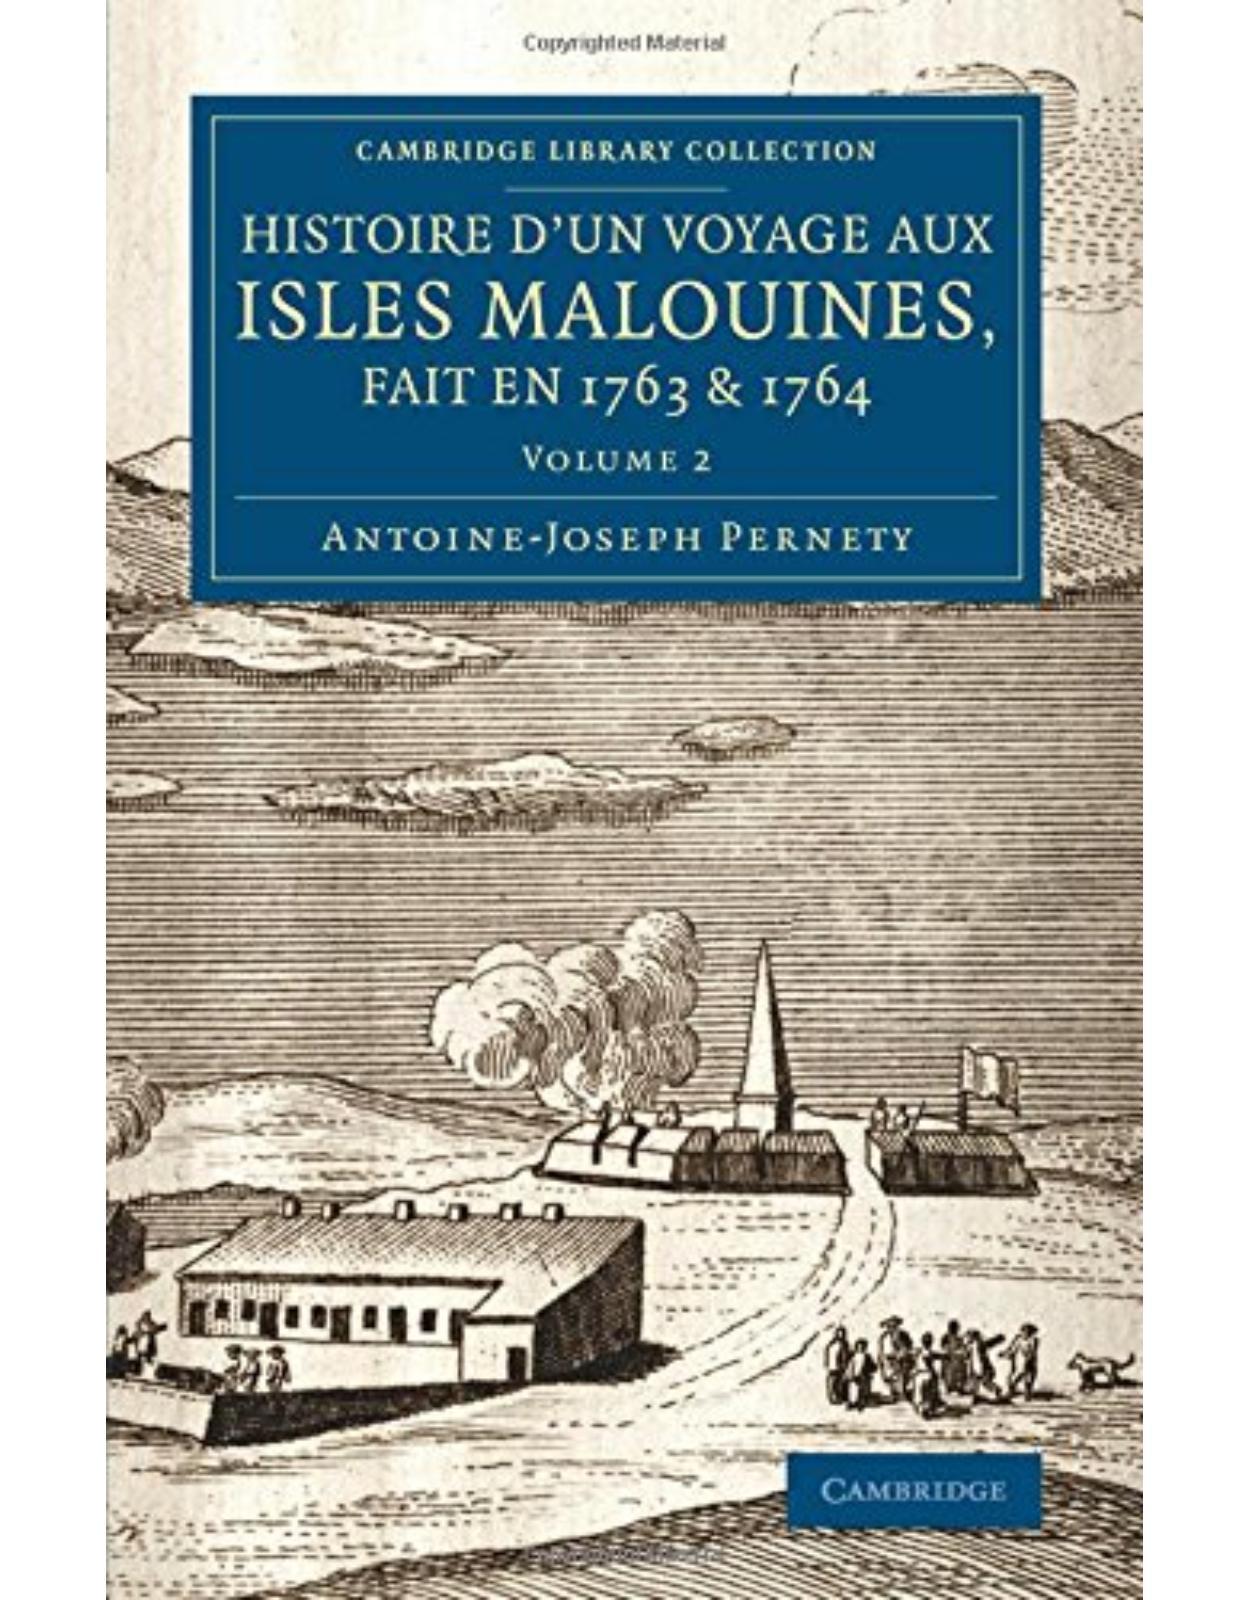 Histoire d'un voyage aux isles Malouines, fait en 1763 & 1764 2 Volume set: Histoire d'un voyage aux isles Malouines, fait en 1763 & 1764: Avec des ... Library Collection - Maritime Exploration)